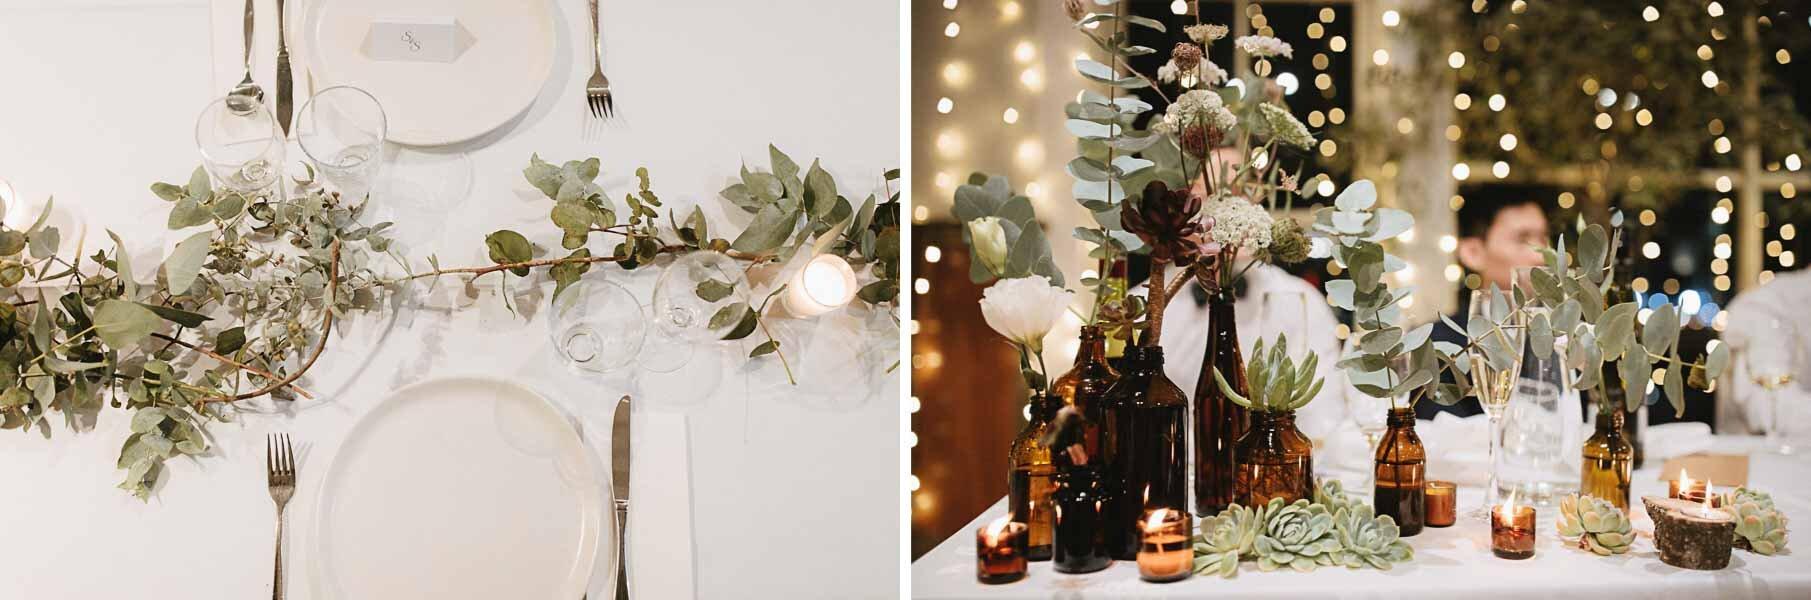 The Boatshed wedding reception.jpg